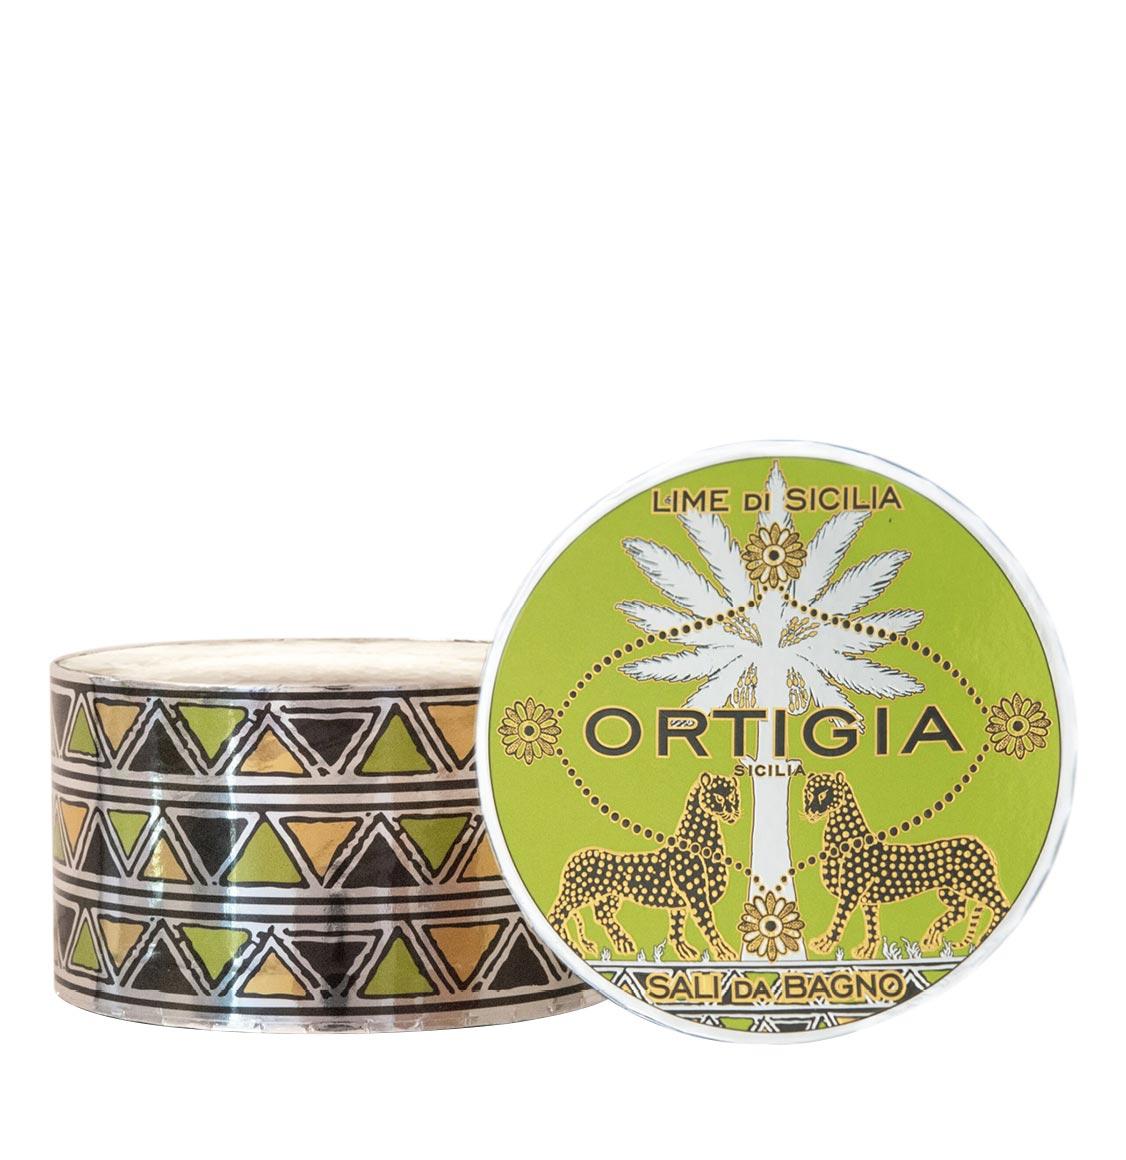 Ortigia_Sicilia_Lime_Di_Sicilia_Bath_Salts_500g_The_Project_Garments_B